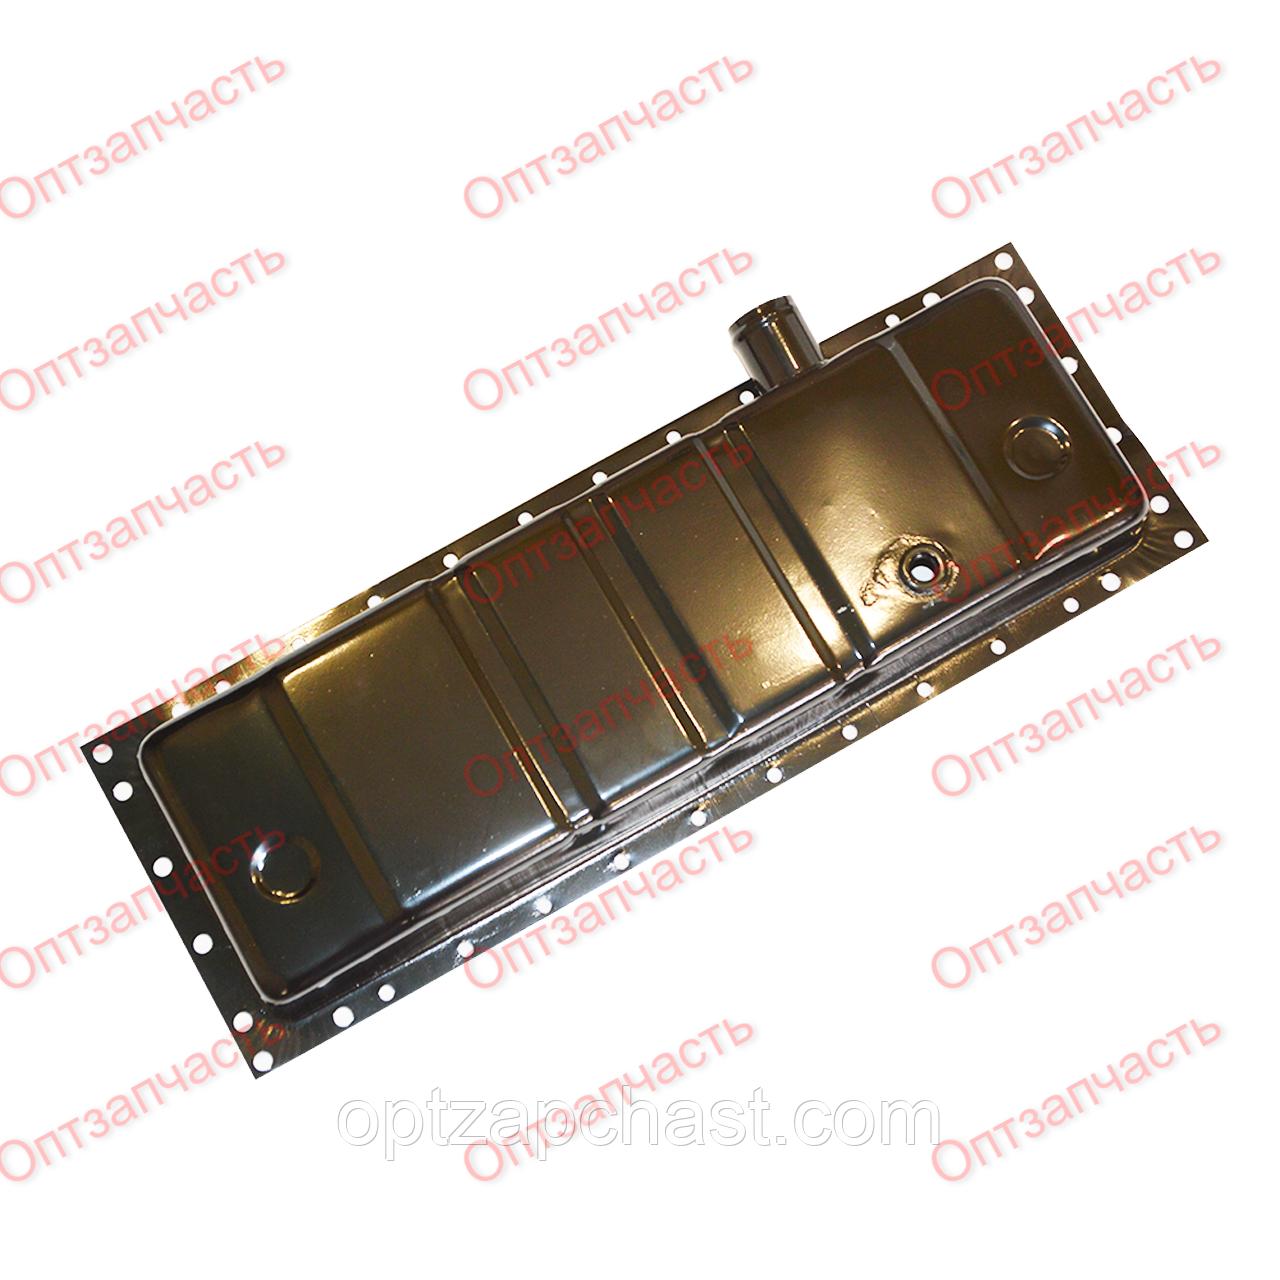 Бачок радиатора МТЗ нижний (металлический) (70-1301075)